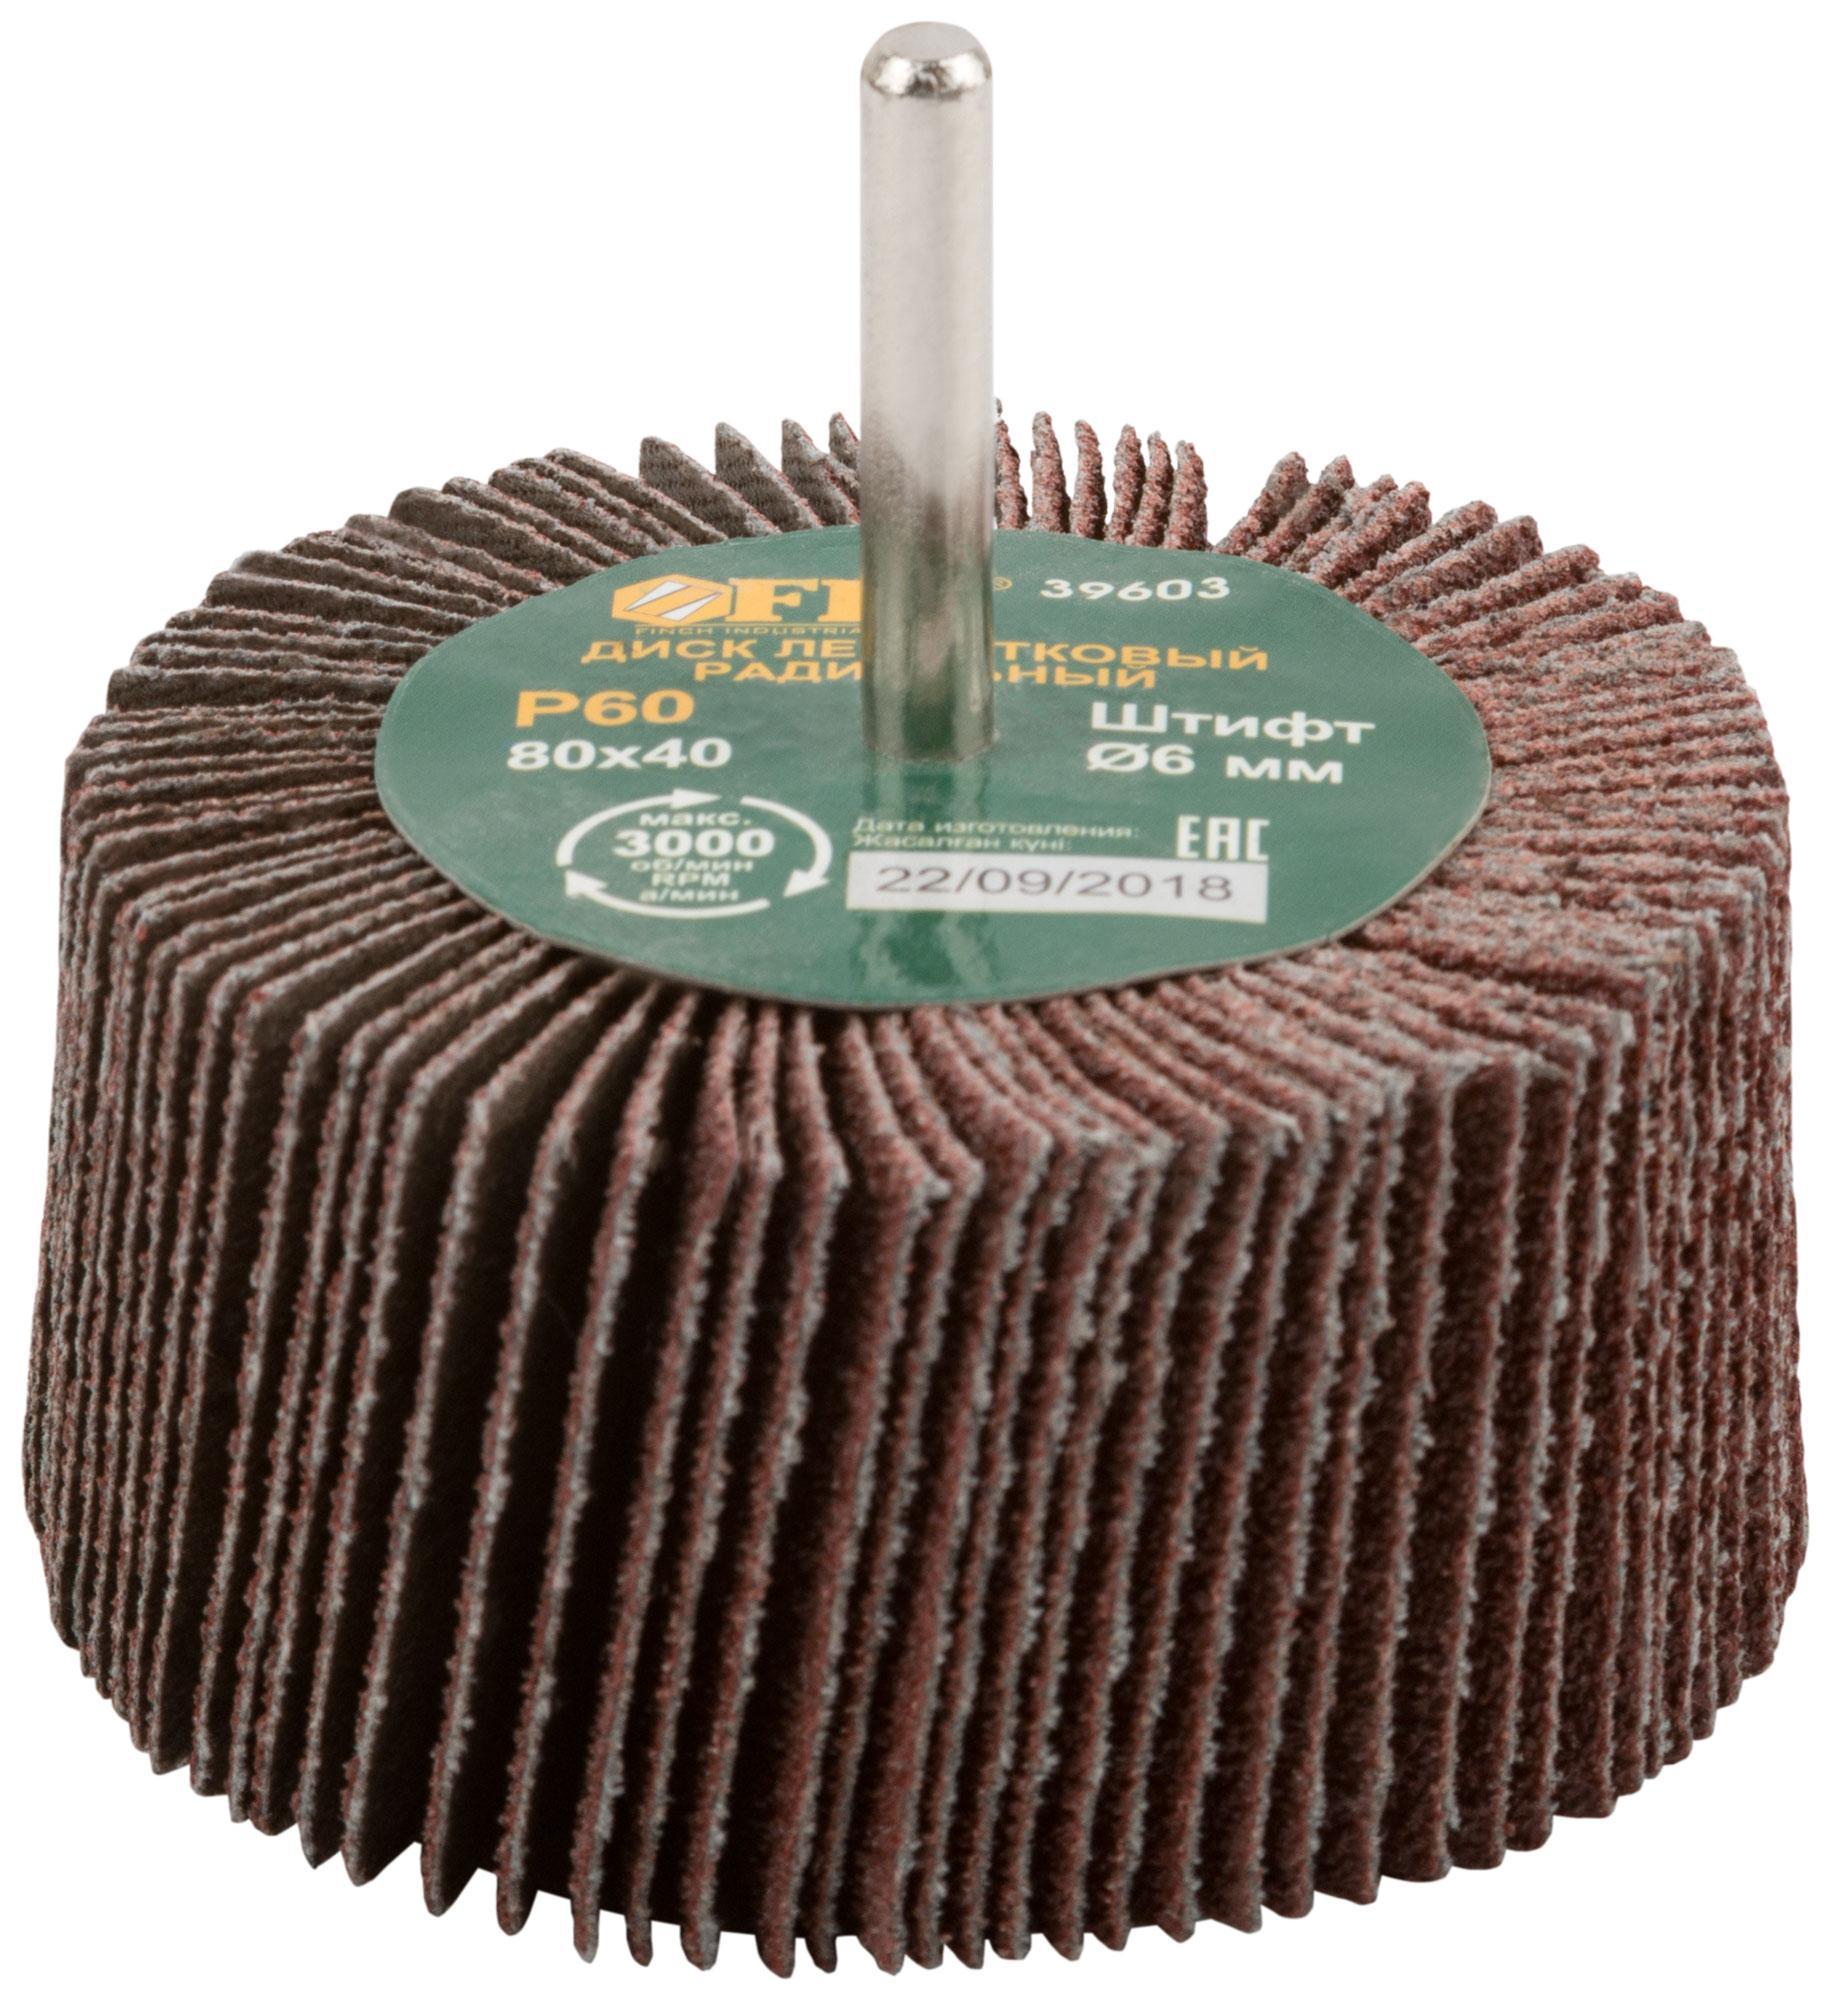 Круг Лепестковый Радиальный (КЛ) Fit 39603 круг лепестковый радиальный кл fit 39603 для дрели 80 х 40 х 6мм р60